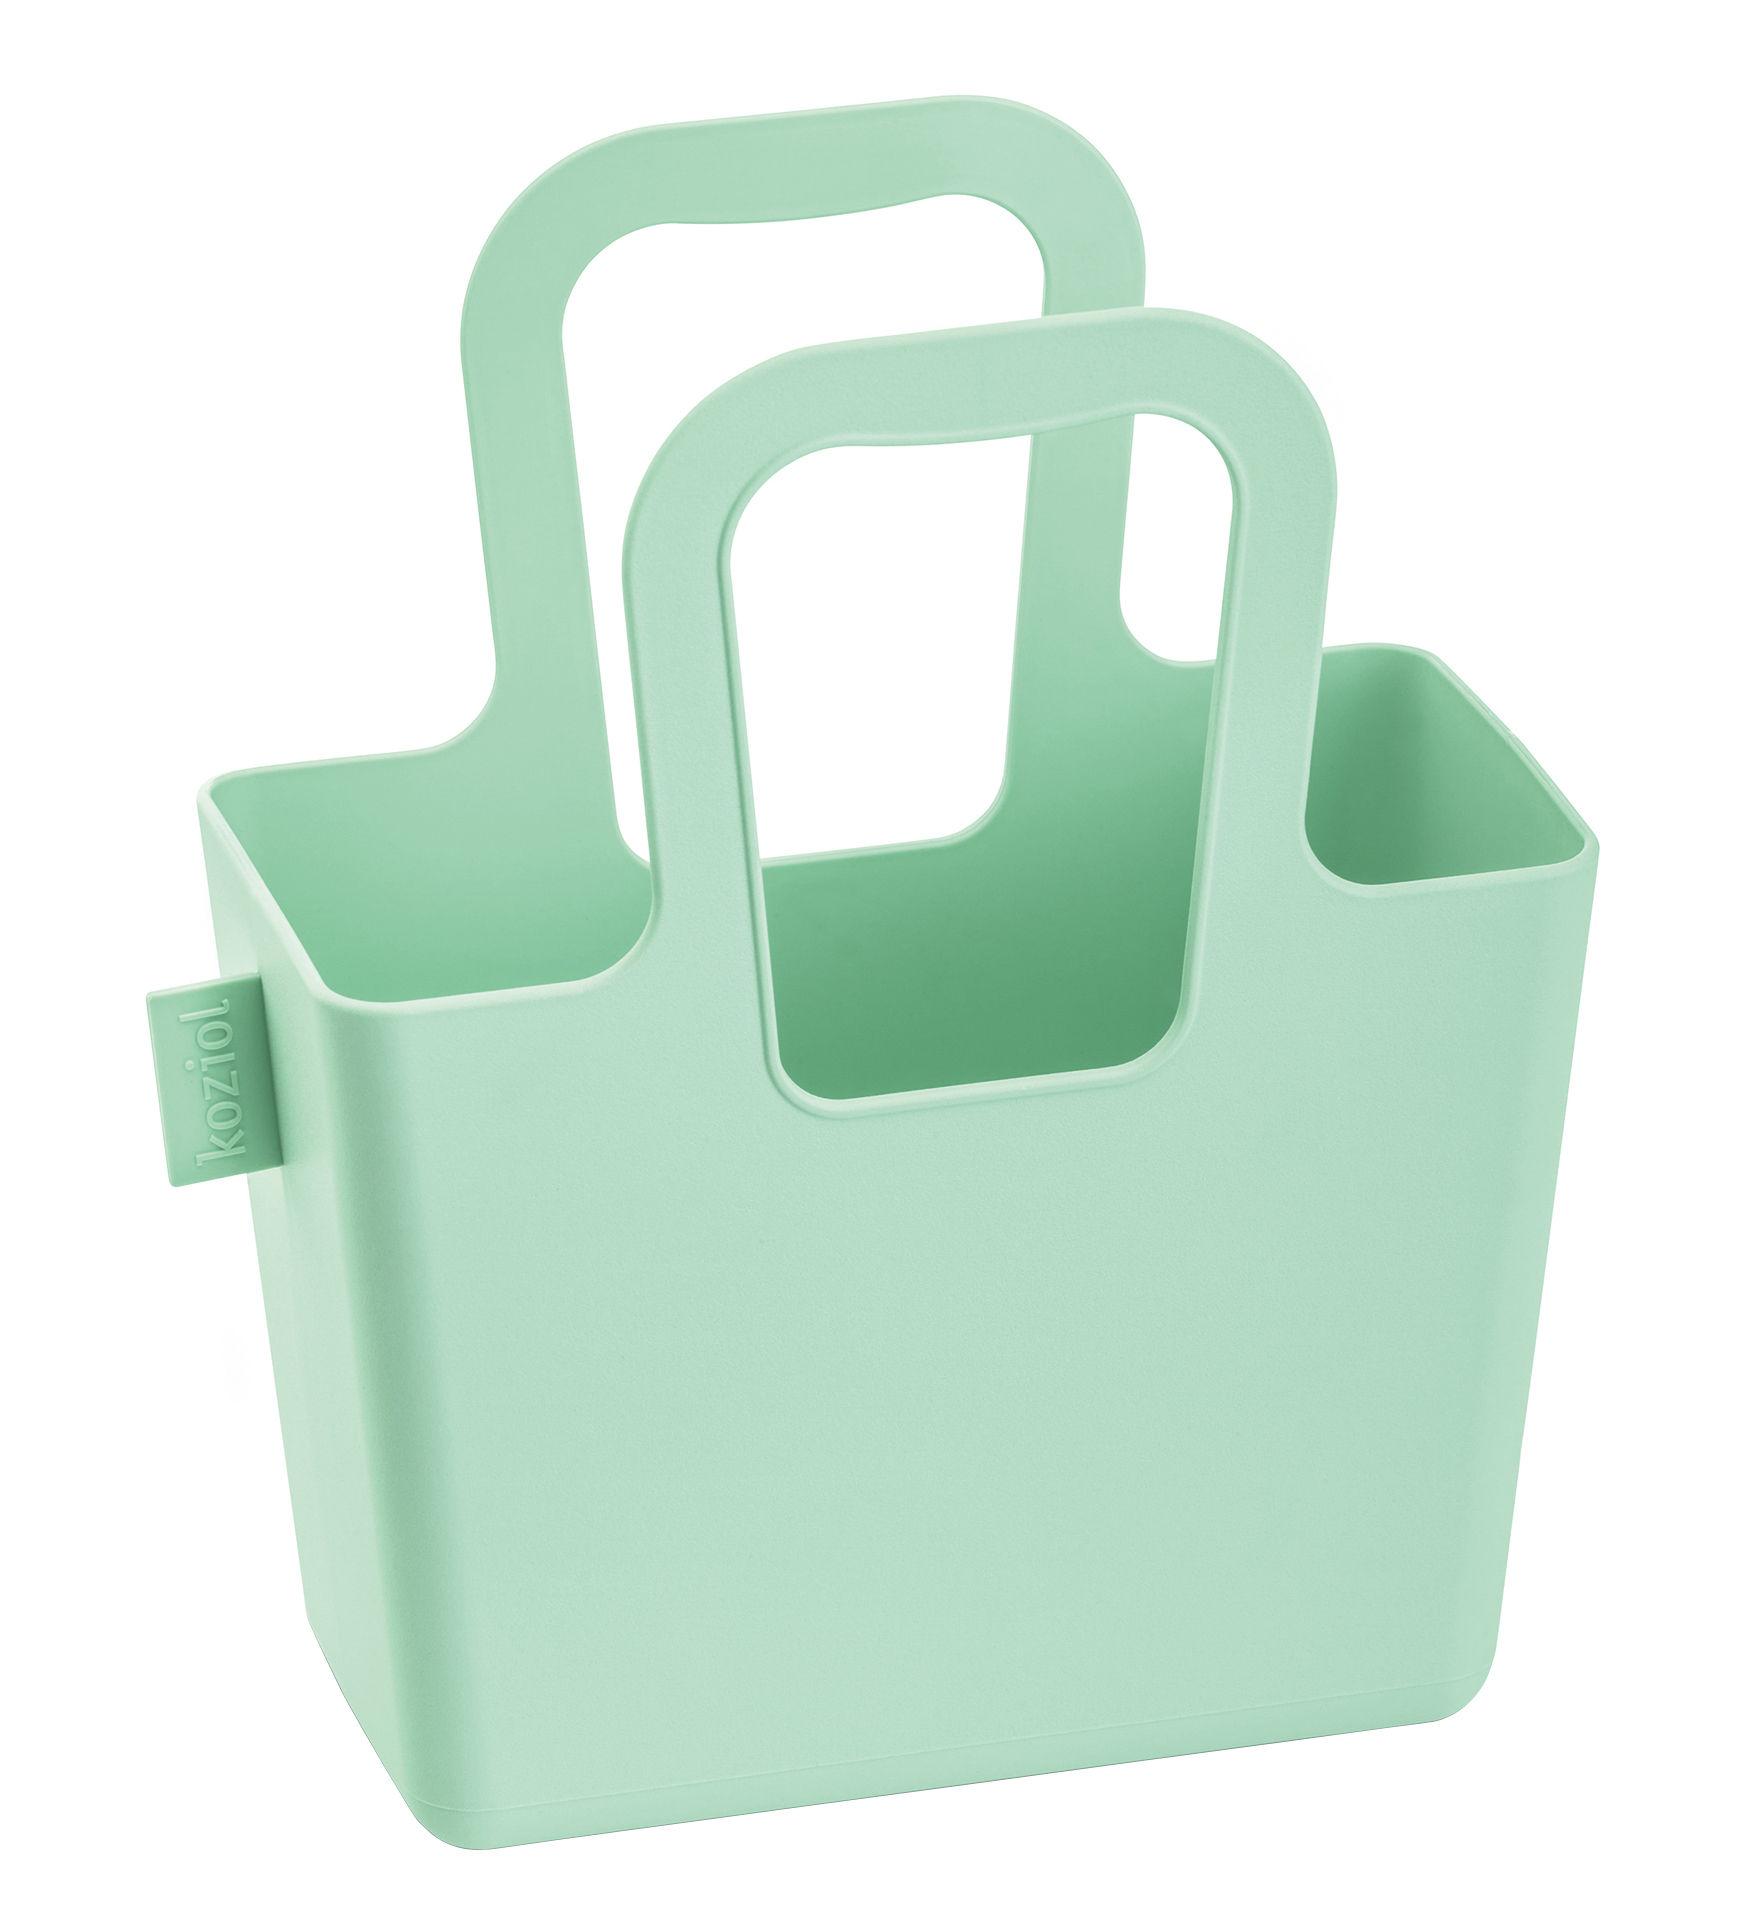 Accessoires - Sacs, trousses, porte-monnaie... - Panier Taschelini / L 18 x H 16 cm - Koziol - Vert menthe - Matière plastique